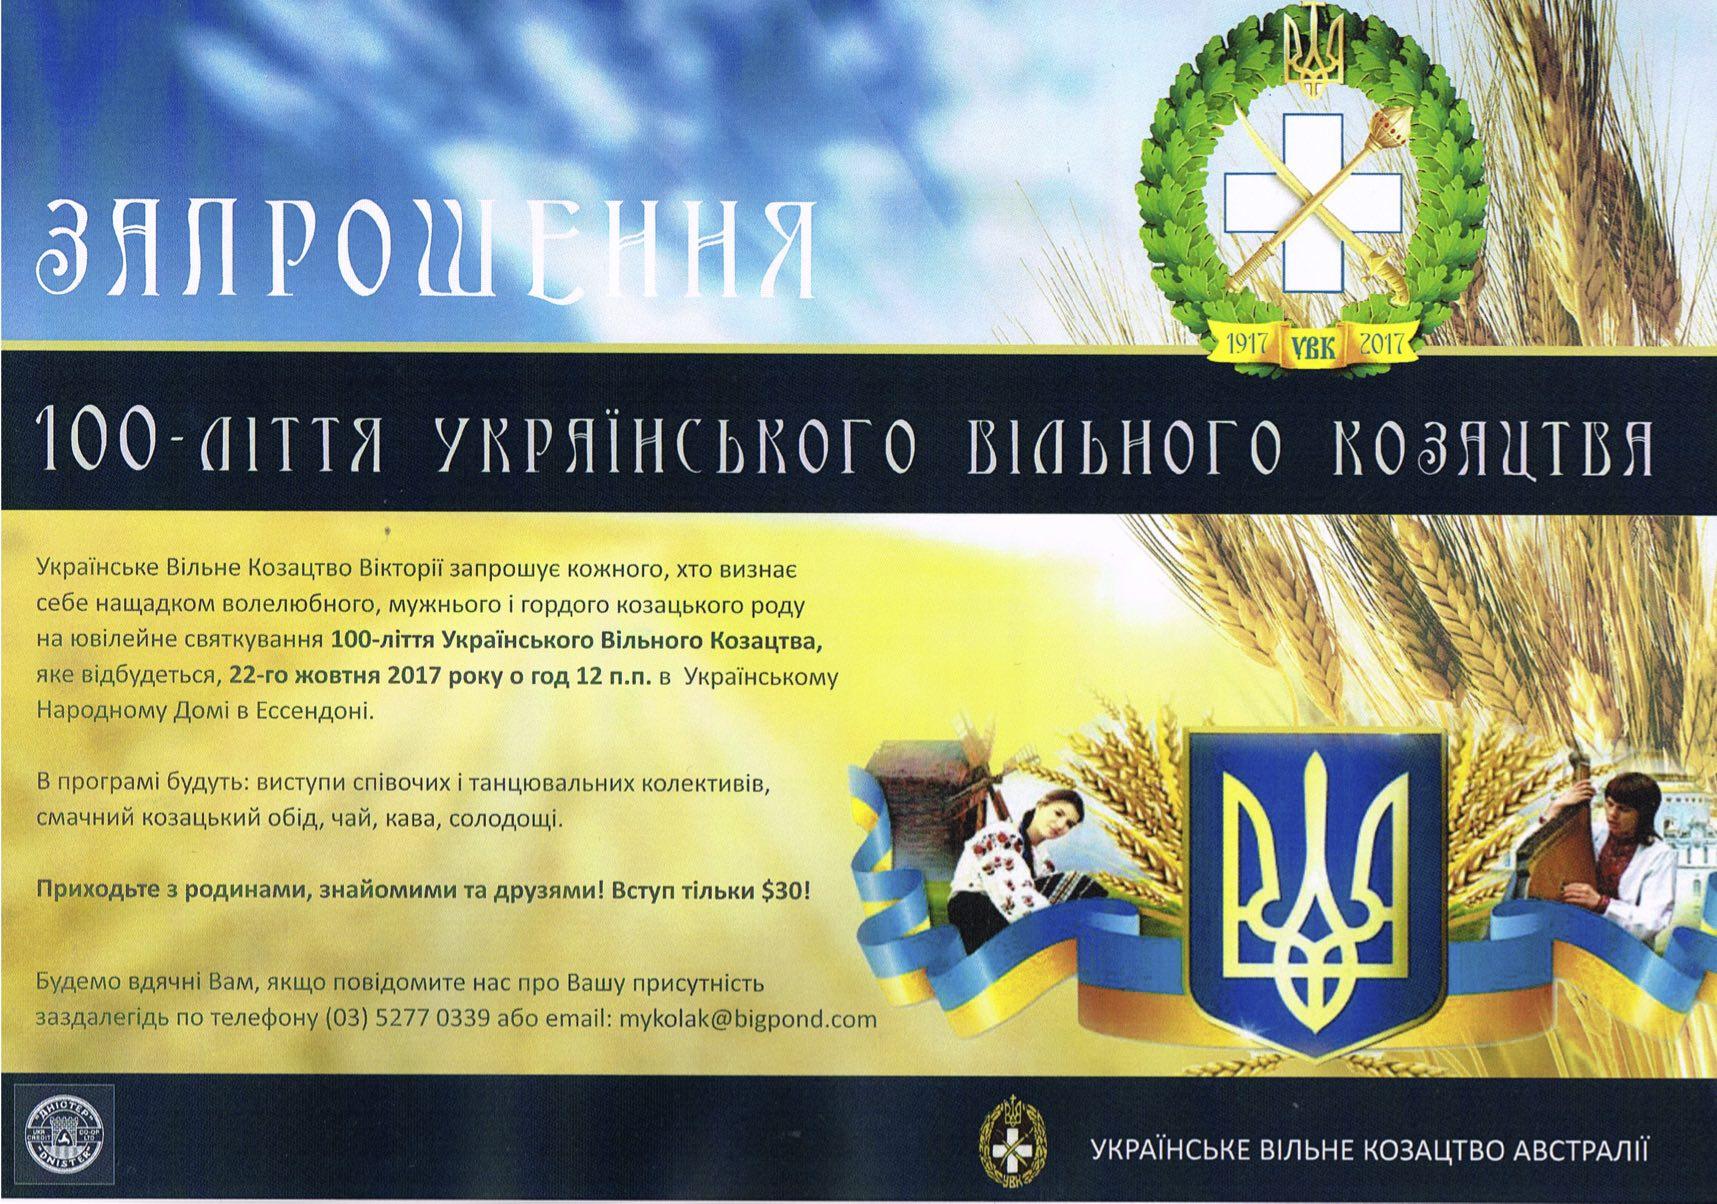 100 years of Cossacks Celebration